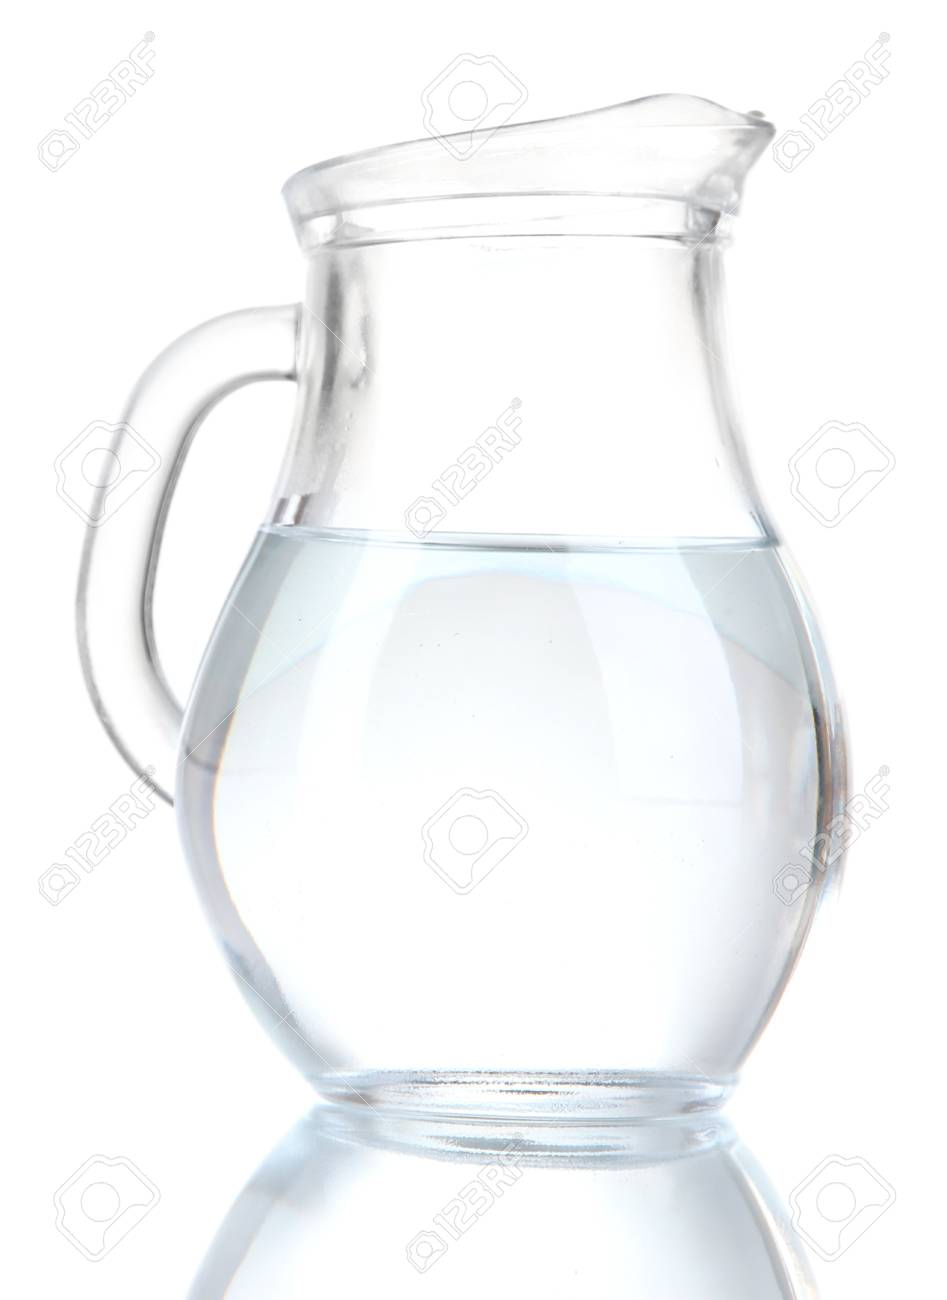 pichet en verre d eau isole sur blanc